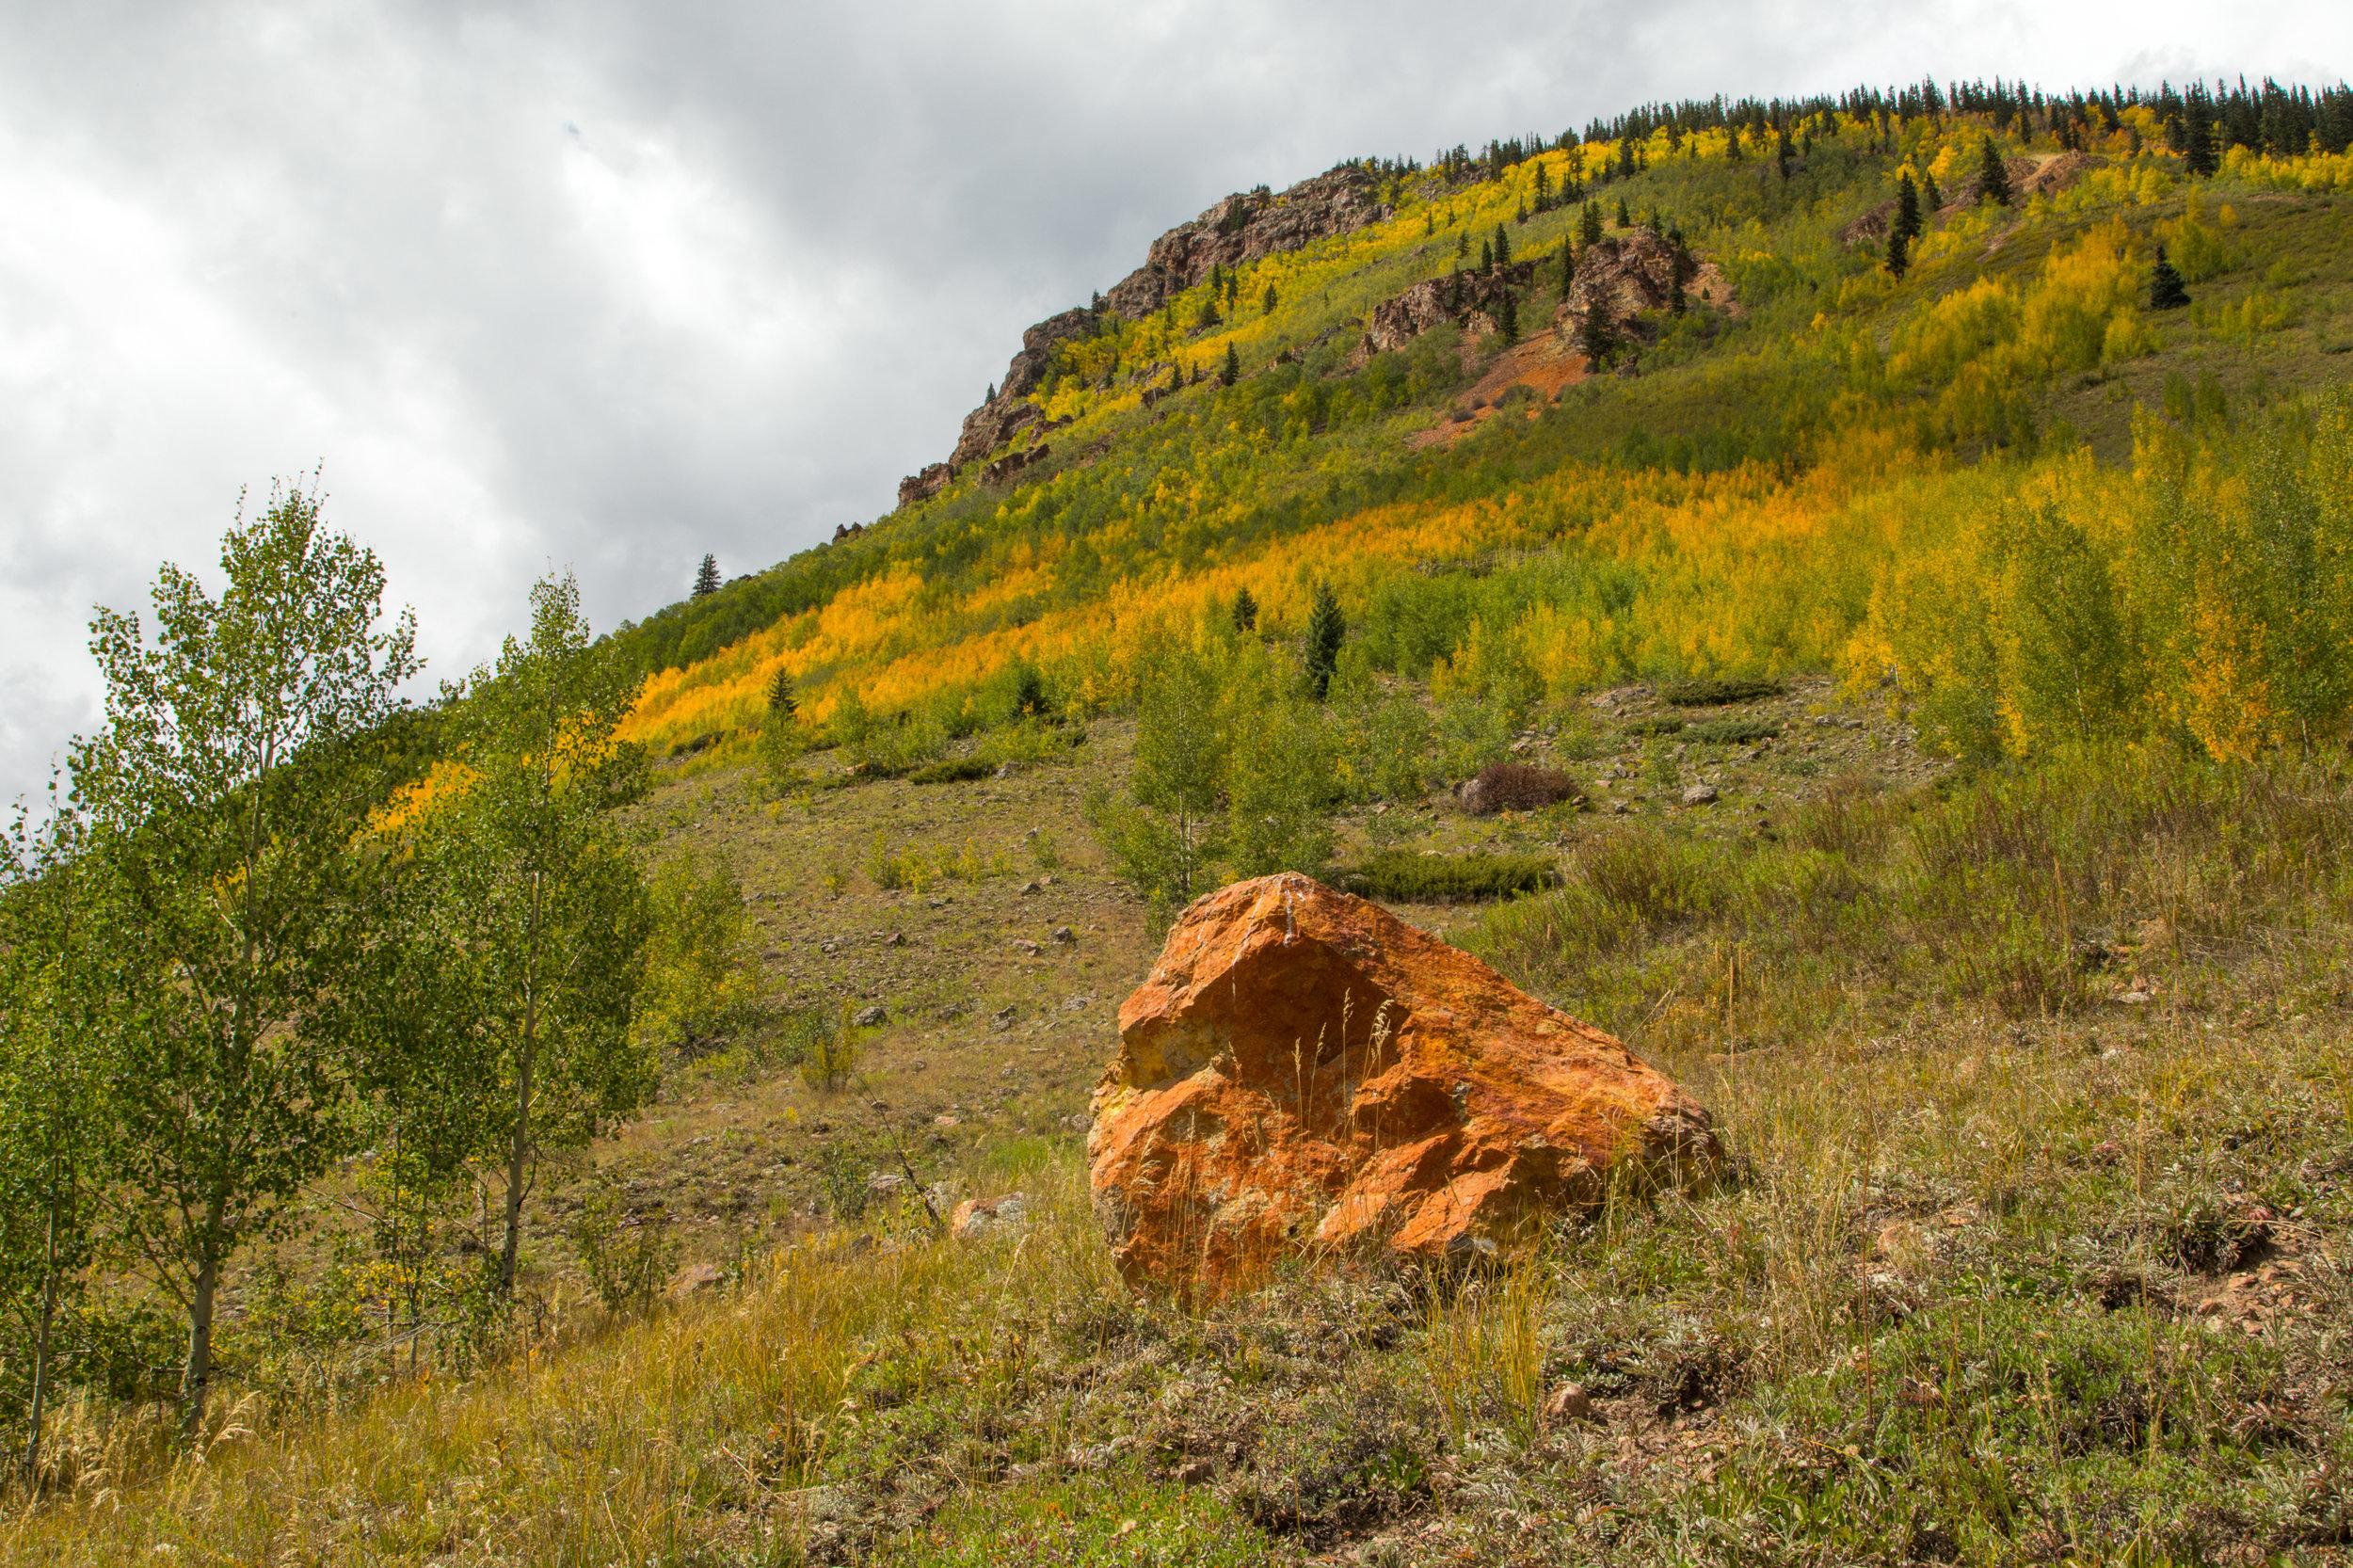 Silverton, Colorado, Image # 0866